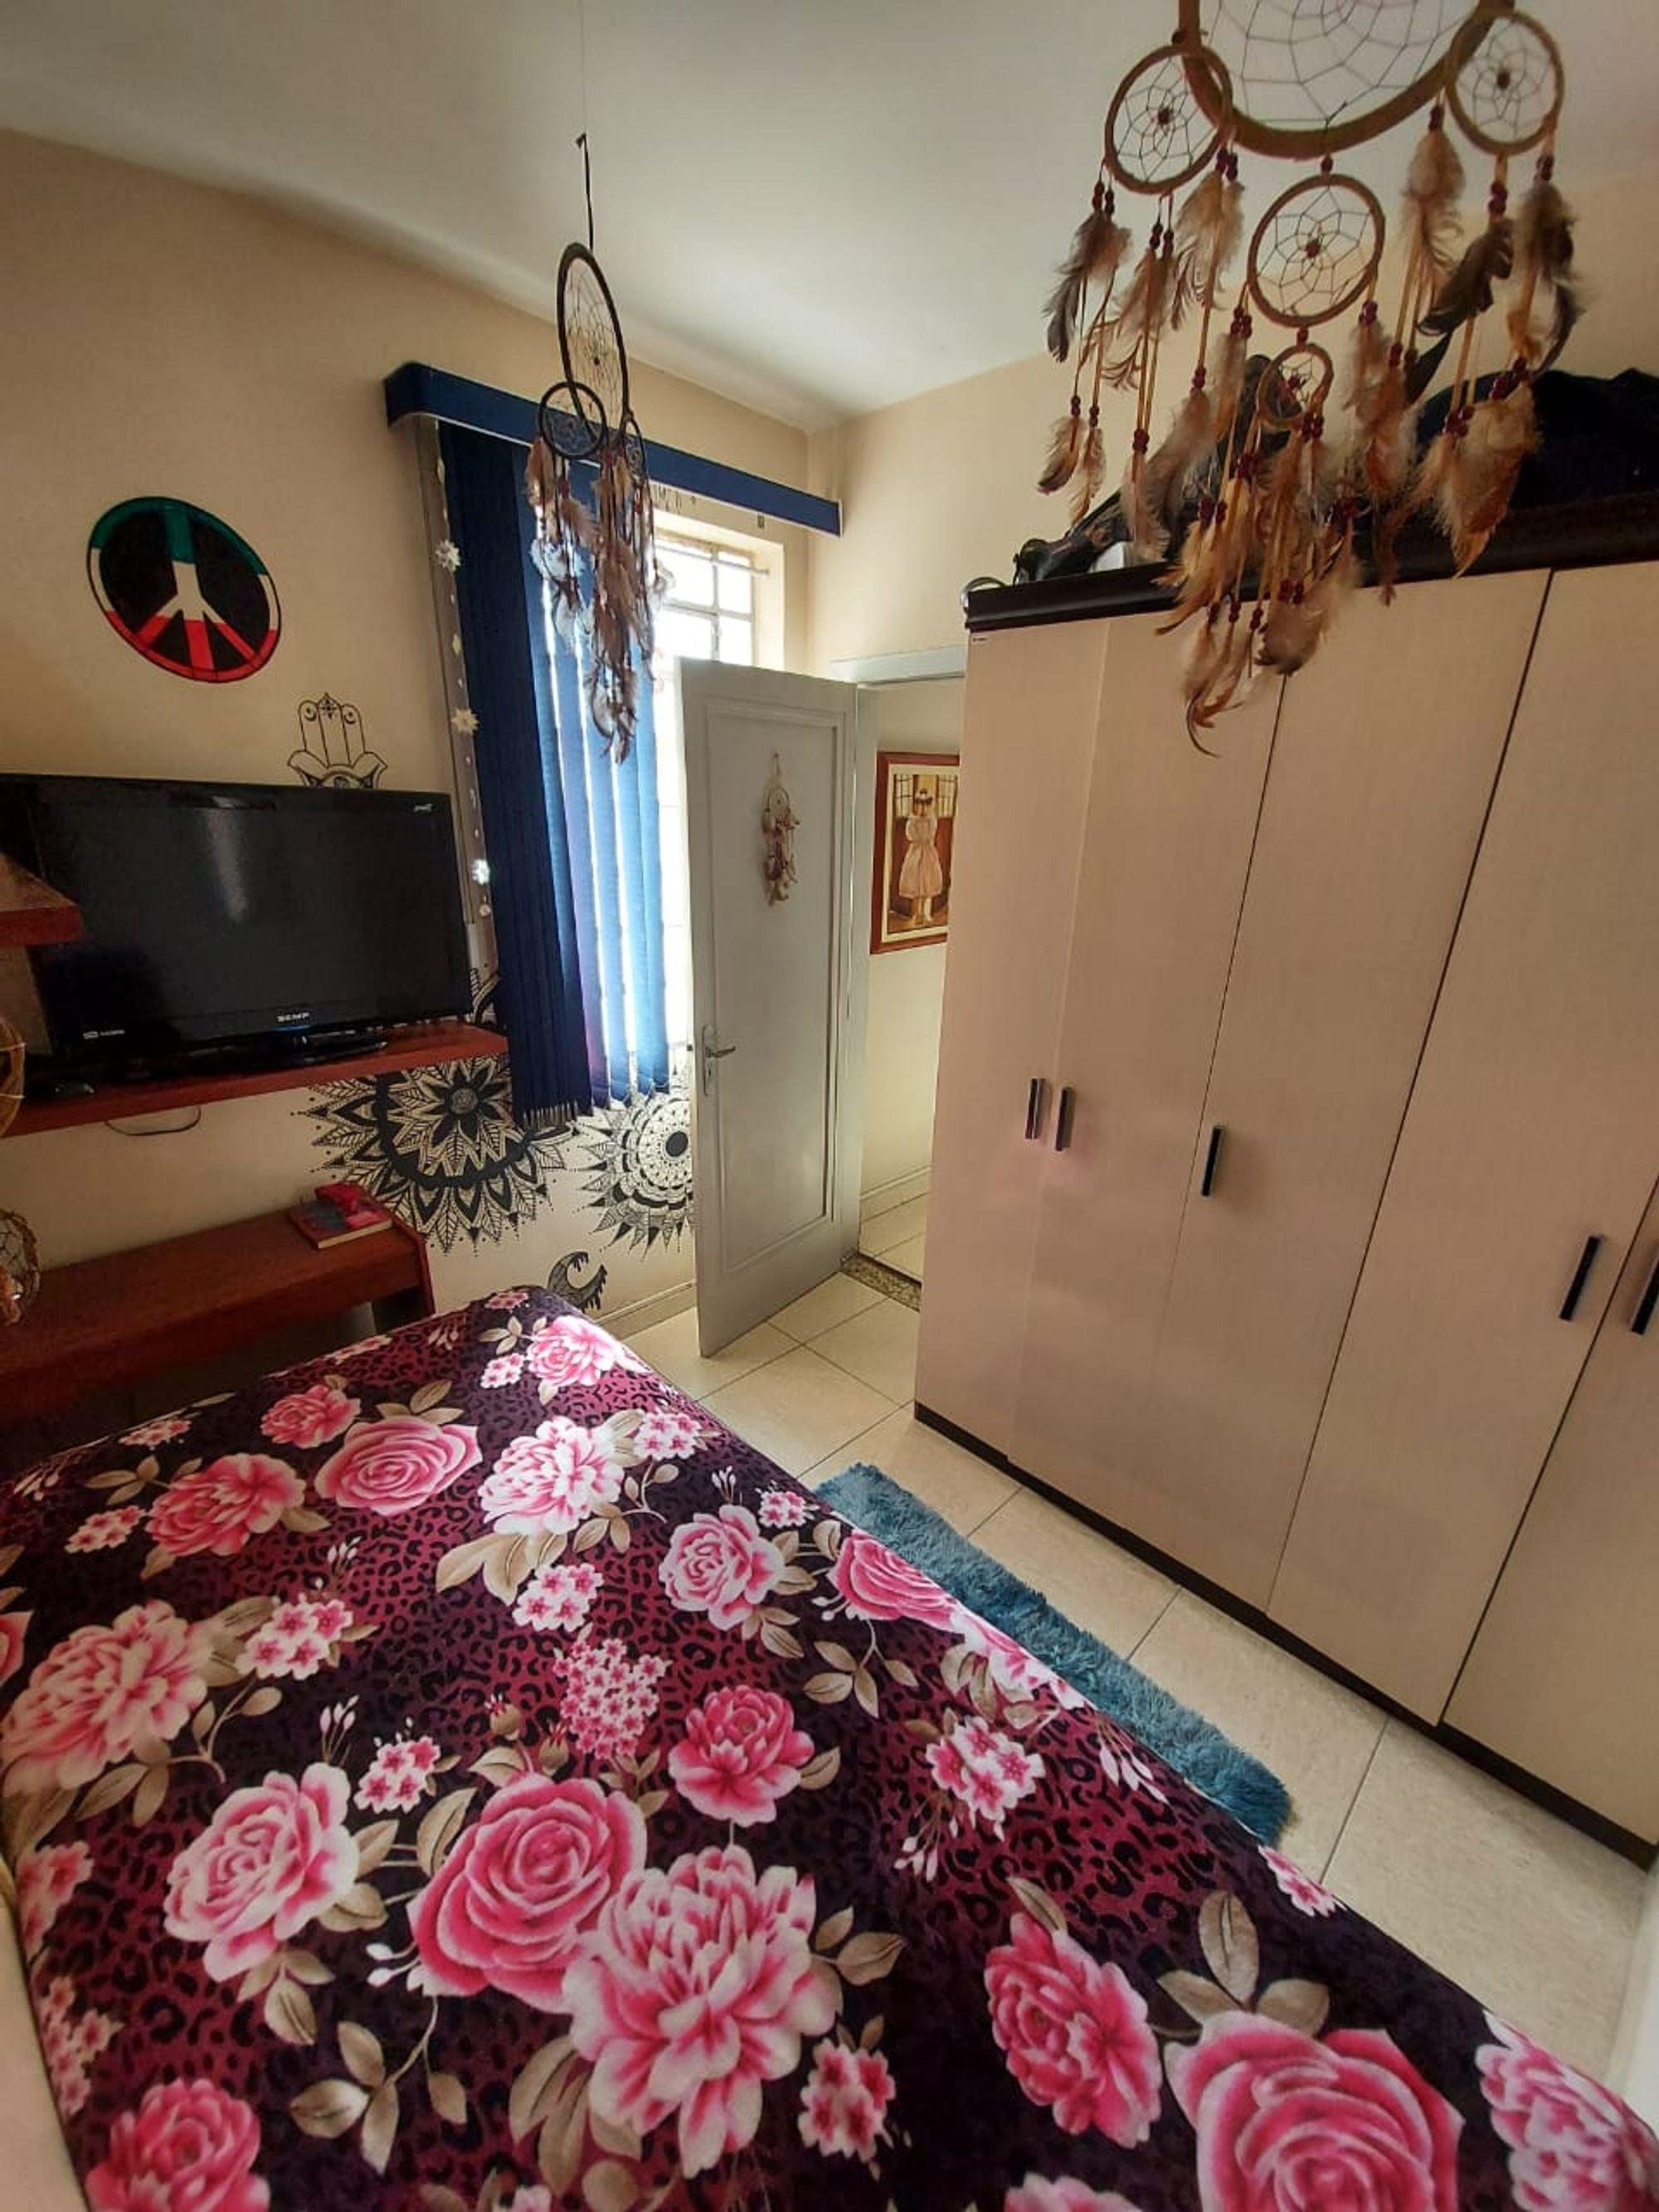 Foto de Quarto com cama, televisão, relógio